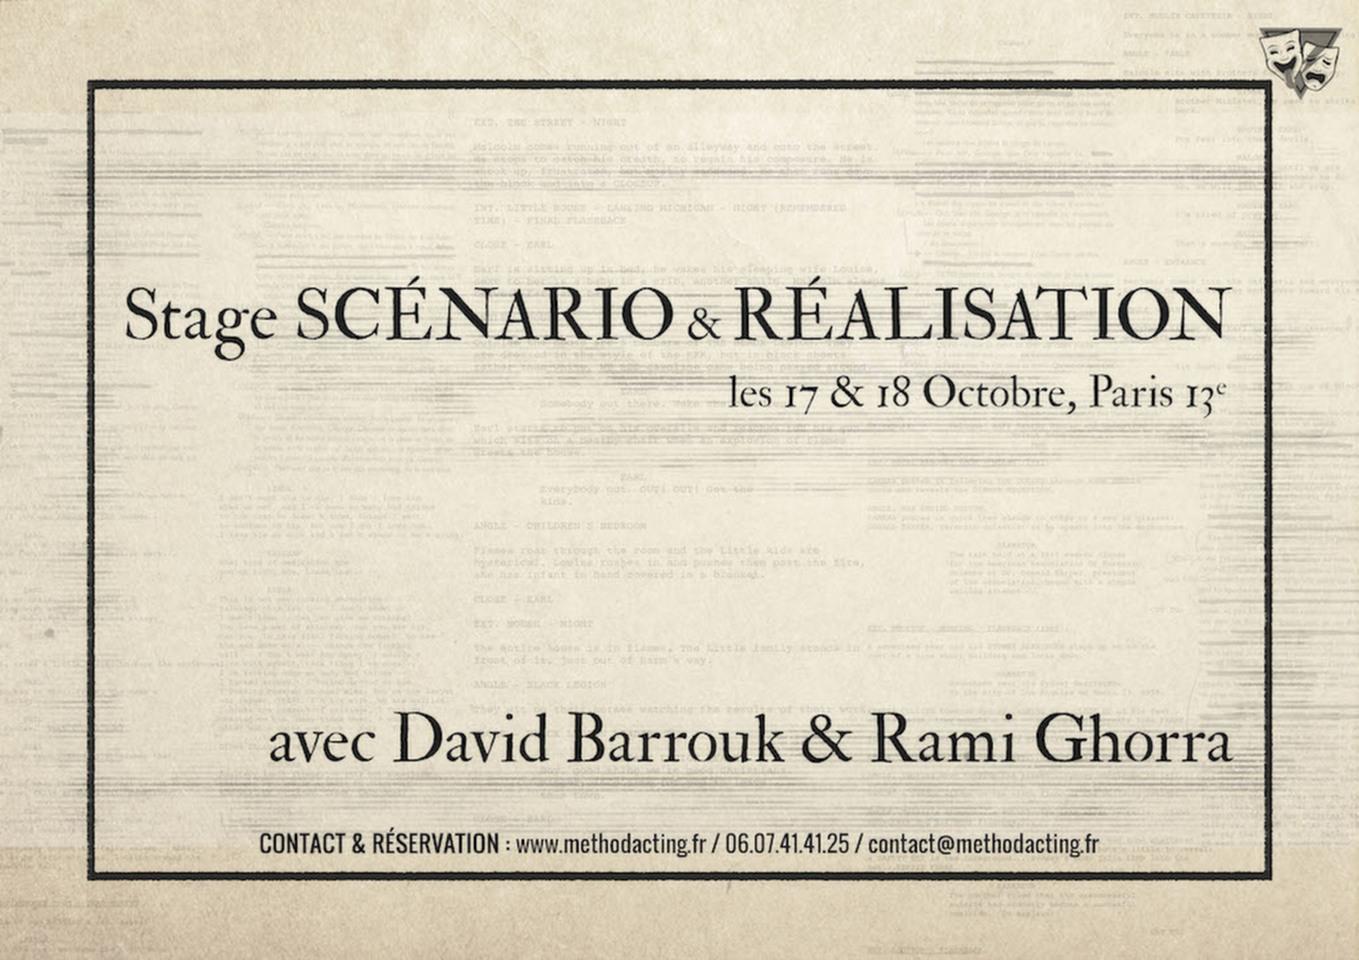 """Stage SCÉNARIO & RÉALISATION<br />Method Acting Center<br />Initiation à l'écriture et la réalisation de films pour le Cinéma.<br /><br />« Il s'agit ici de faire des films pour raconter quelque chose<br />et non de raconter n'importe quoi pour faire des films. »<br />David Barrouk<br /><br />WEEKEND 17 & 18 Octobre<br />de 15h à 20h,<br />au 93 Avenue d'Italie, Paris 13e<br />Avec David Barrouk,<br />Scénariste, Réalisateur & Producteur, Auteur de Stan ou le Solfège de l'Acting,<br />Fondateur & coach de Method Acting Center.<br />& Rami Ghorra,<br />Scénariste, Réalisateur, Monteur, Chef Opérateur et Coach.<br /><br />Sur la partie Scénario, vous découvrez les bases de l'écriture dramaturgique :<br />- Pourquoi écrit-on ? Qu'est-ce que la dramaturgie ?<br />- Comment explorer ce que l'on a à exprimer ?<br />- ... Et comment le faire avec maestria ?<br />- Comment créer un personnage multidimensionnel ?<br />- Dans quelle """"catégorie"""" mon histoire se situe t-elle ?<br />- Quel est son thème, le point de vue de mon histoire ?<br />- Qu'est-ce qu'une structure et comment la créer ?<br />Sur la partie Réalisation, vous appréhendez les bases de la réalisation :<br />- La pré-production : l'univers visuel et sonore, la « production design ». Comment définir<br />l'identité d'un écrit, développer la note de réalisation, rendre en adéquation réalisation - budget - faisabilité.<br />- Comment trouver votre style, votre patte, votre empreinte digitale artistique, plutôt que « faire des films de spectateurs »<br />- Le travail de répétition/préparation avec les acteurs<br />- La relation du réalisateur au sens de l'image et du son : le découpage technique et artistique, la mise en réel de vos écrits<br /><br />Si, à la suite de ce stage weekend, vous souhaitez continuer la formation à l'année<br />Scénario/Réalisation, vous pourrez intégrer la formation à partir de la session n°2 sur 15,<br />session qui aura lieu le Samedi 31 Octobre. Le prix du stage 160€ sera alors<br />ex"""